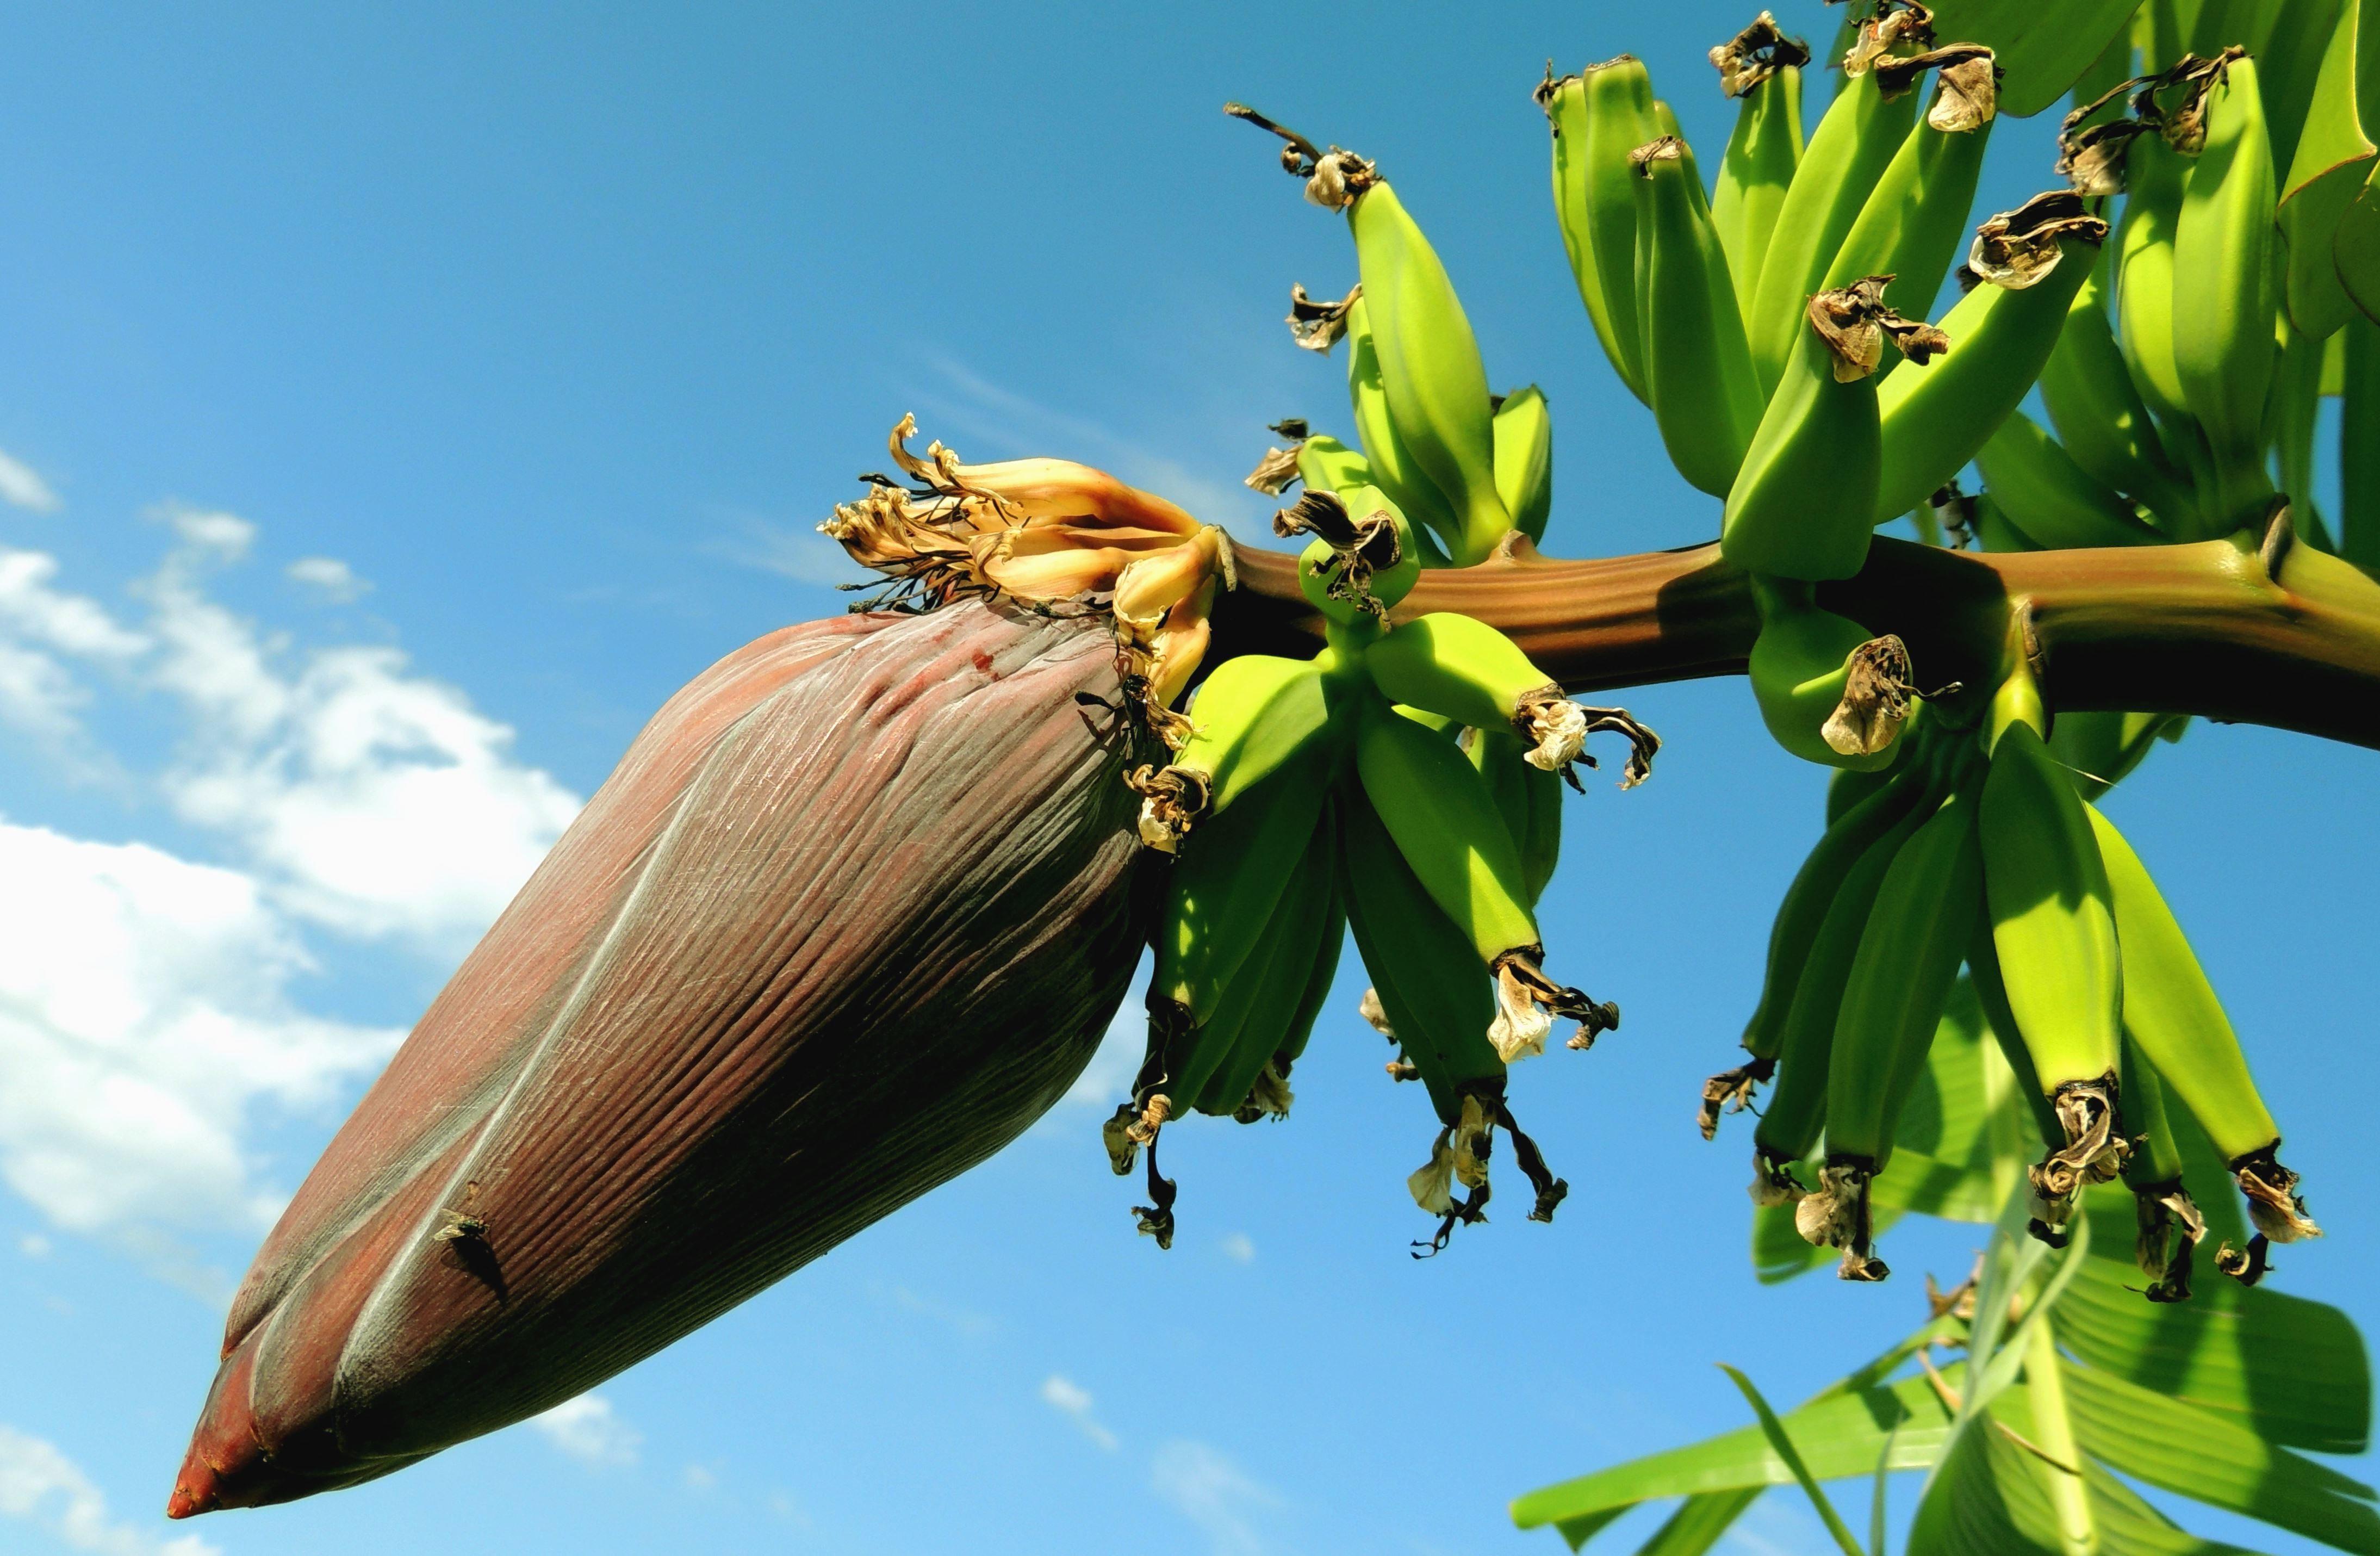 Imagen Gratis Pl Tano Rbol Tropical Rama Plantas Fruta # Muebles Hoja De Banano